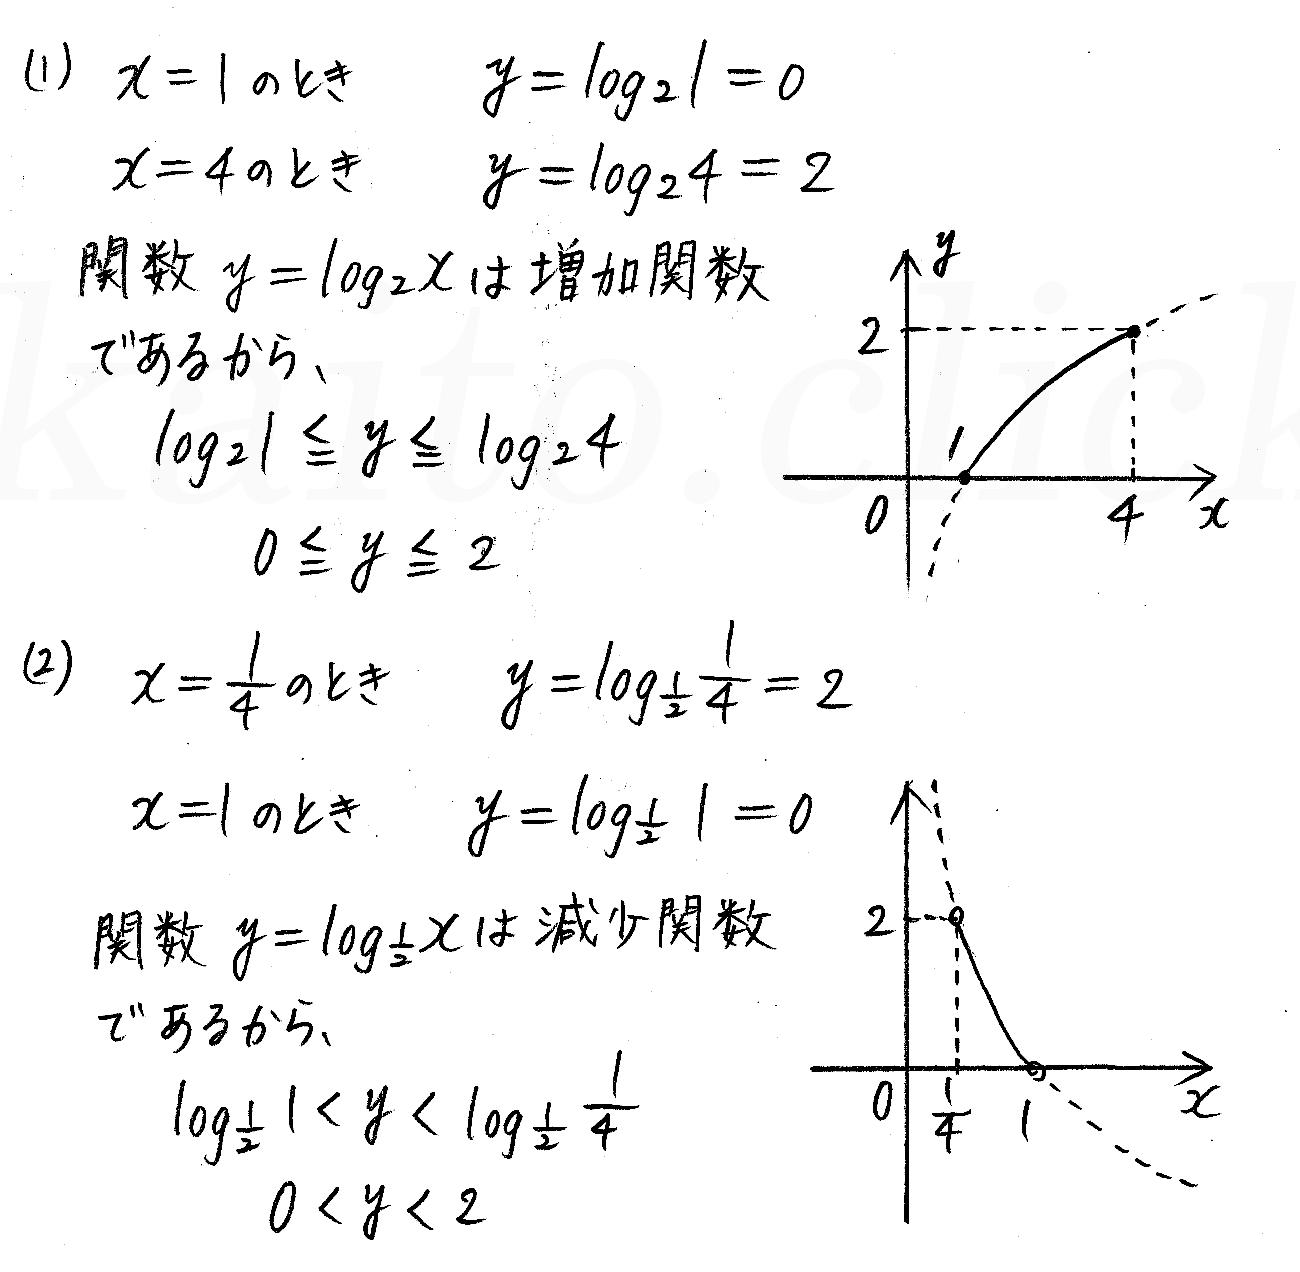 クリアー数学2-356解答